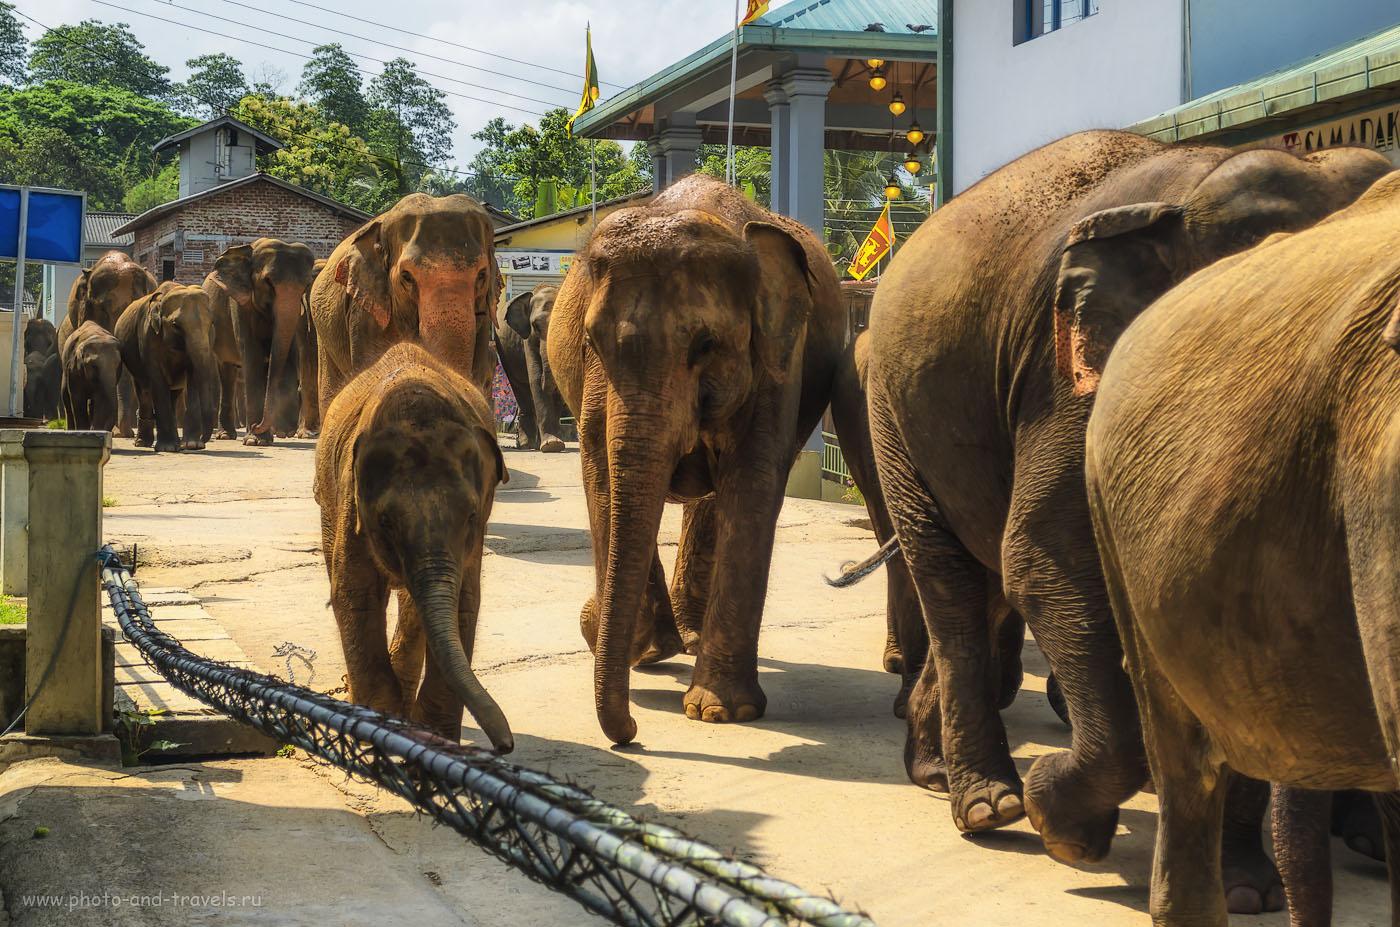 Фото 8. Такие громадины ходят по улице в деревне Пиннавела. Отчет об экскурсии в питомник слонов на Шри-Ланке.